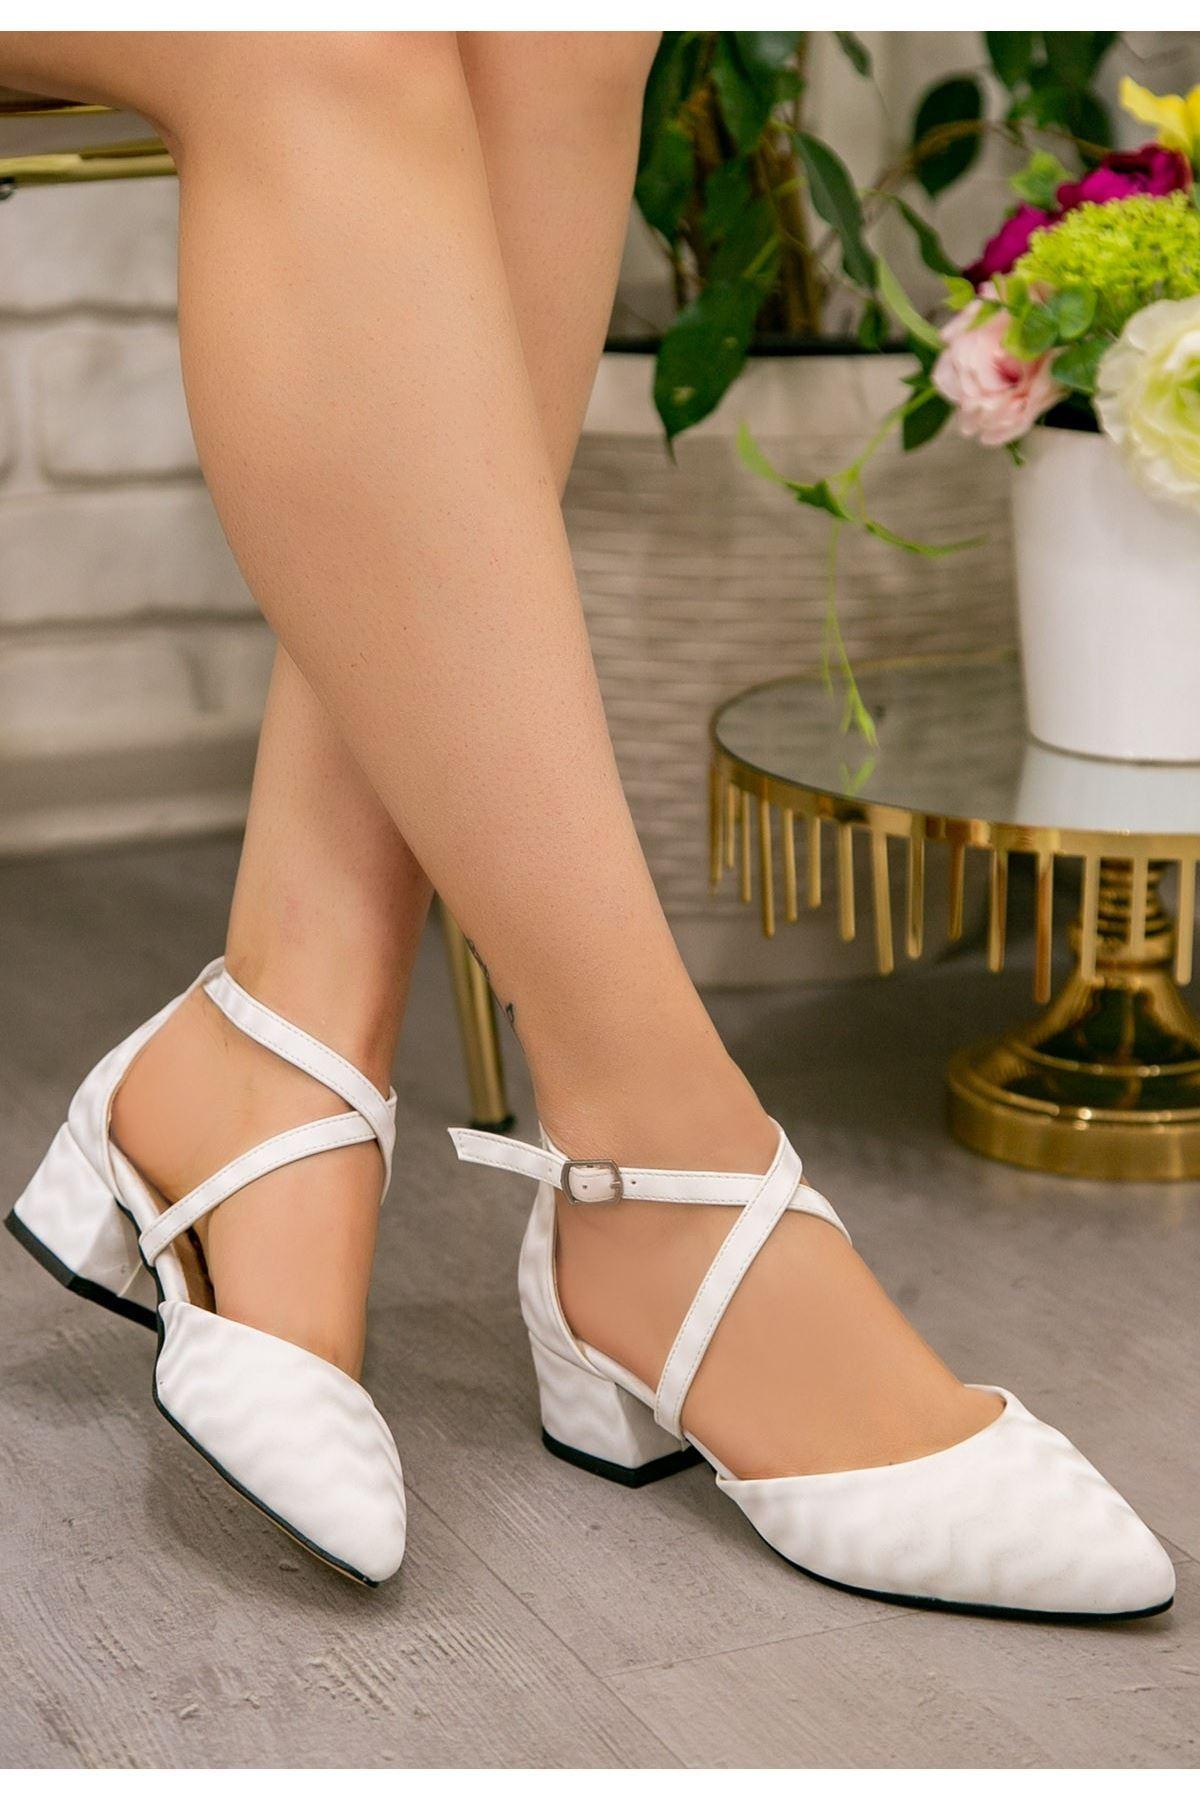 Toju Beyaz Süet Desenli Topuklu Ayakkabı